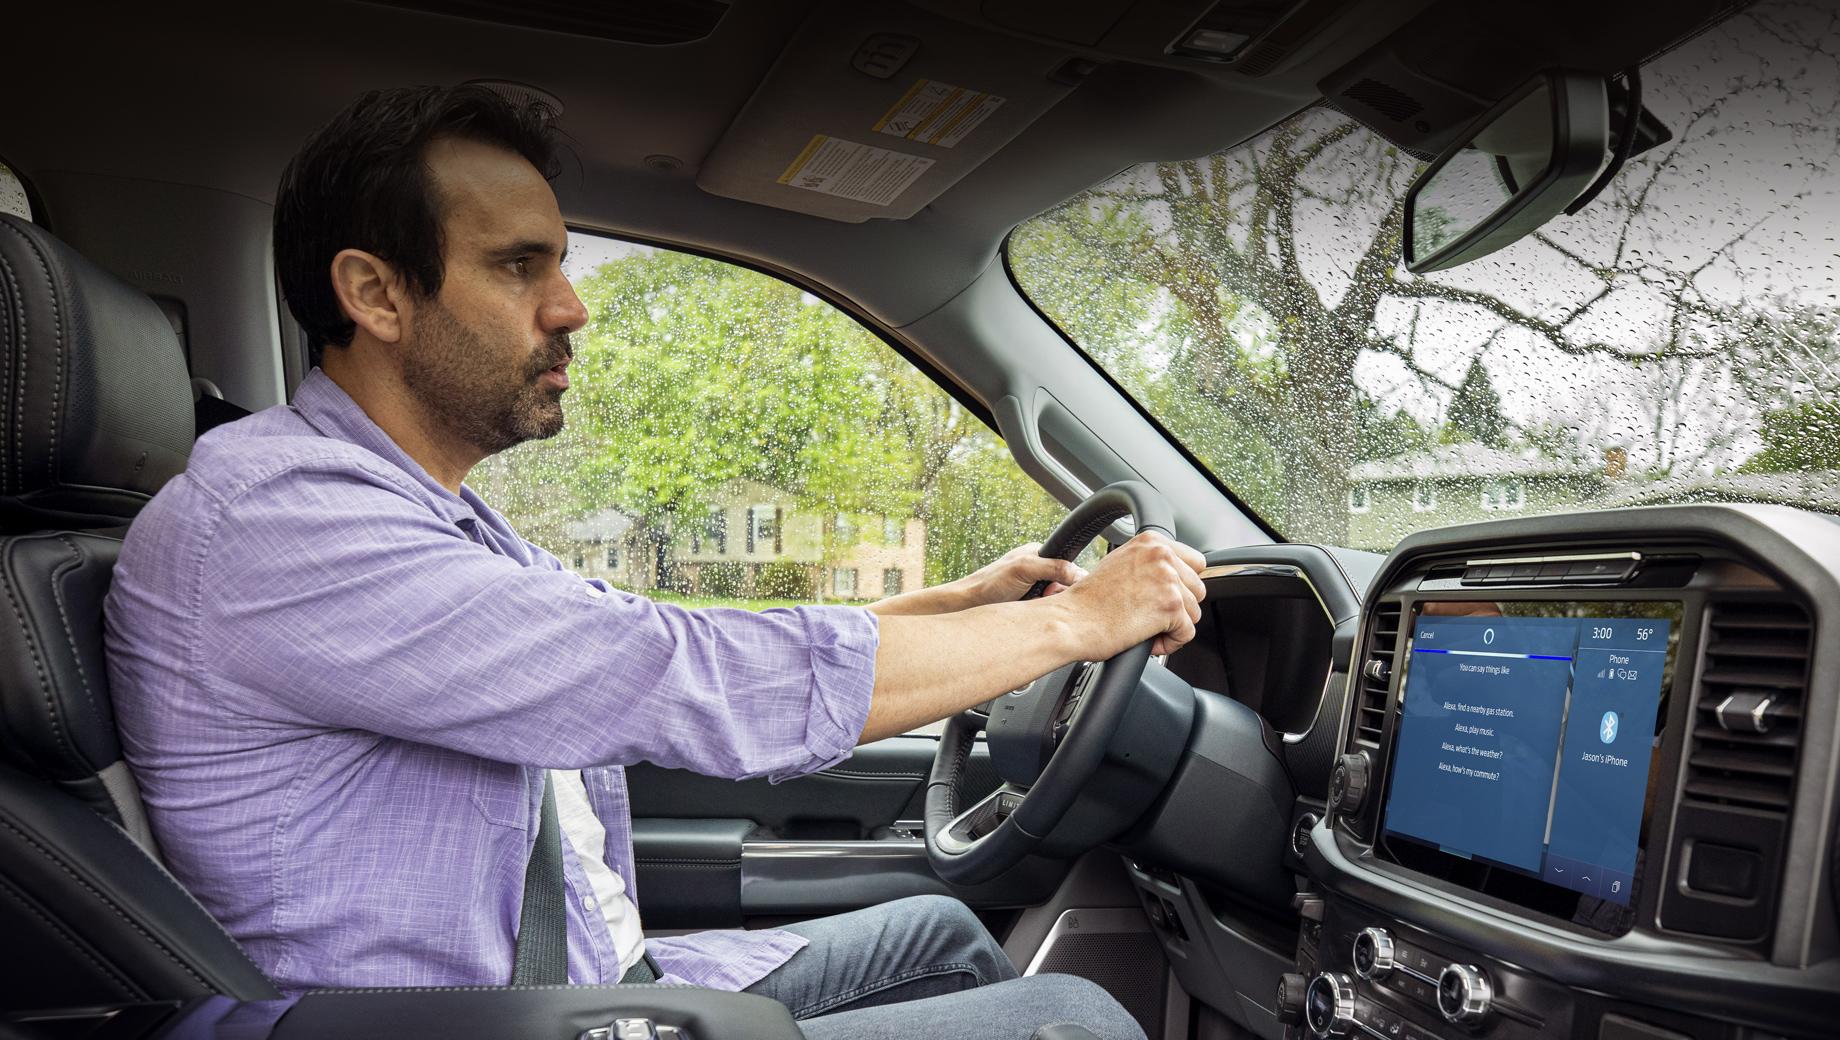 Ford f-150,Ford mustang mach-e. Обновления затрагивают системы помощи водителю и мультимедийный комплекс. Большинство ПО ставится незаметно в фоновом режиме без каких-либо действий со стороны водителя. В более сложных случаях система просит выбрать удобное время обновления и перезагрузки (например, ночь).